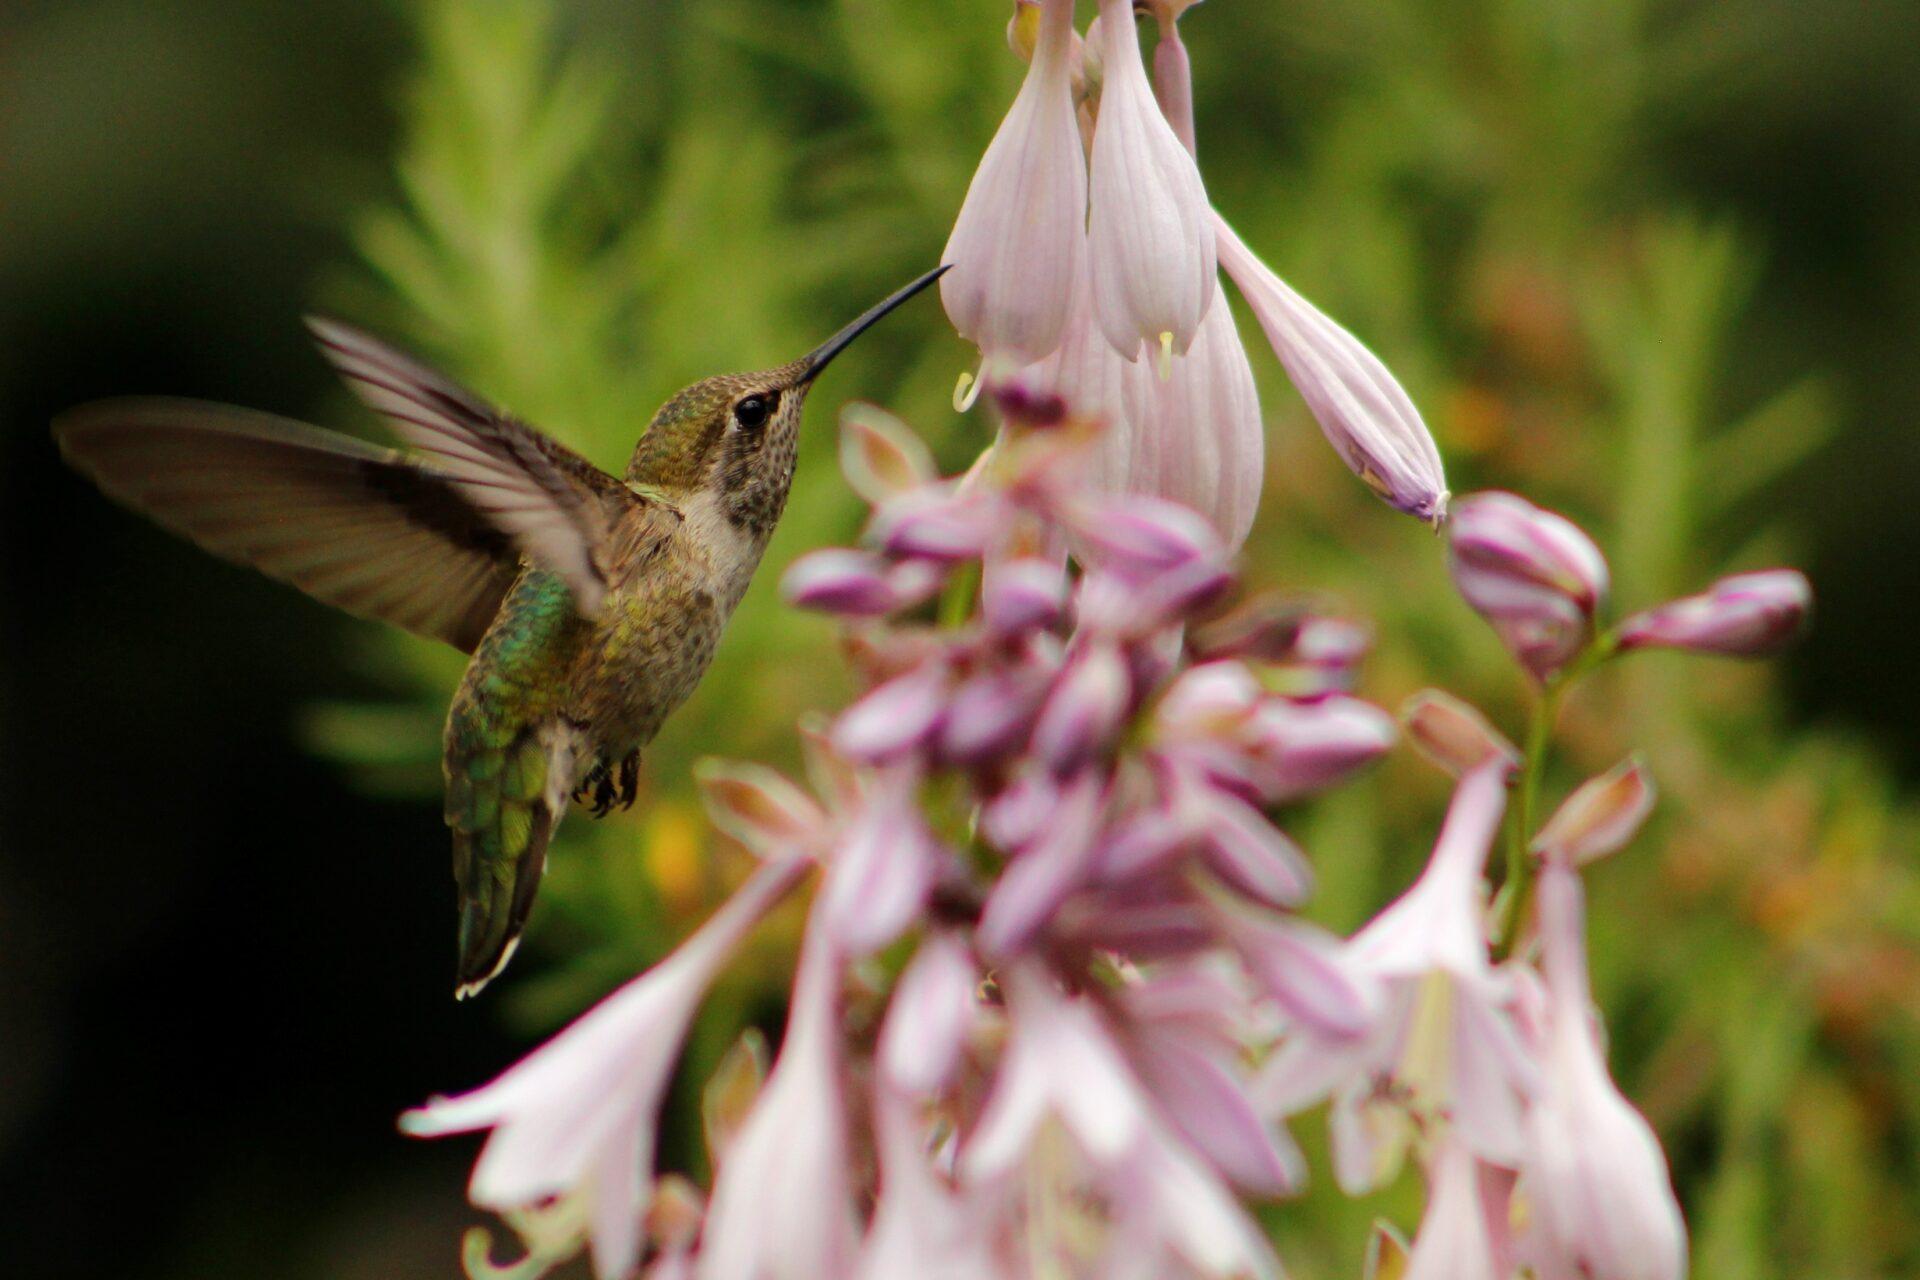 Anna's Hummingbird in Flight, July 21, 2018